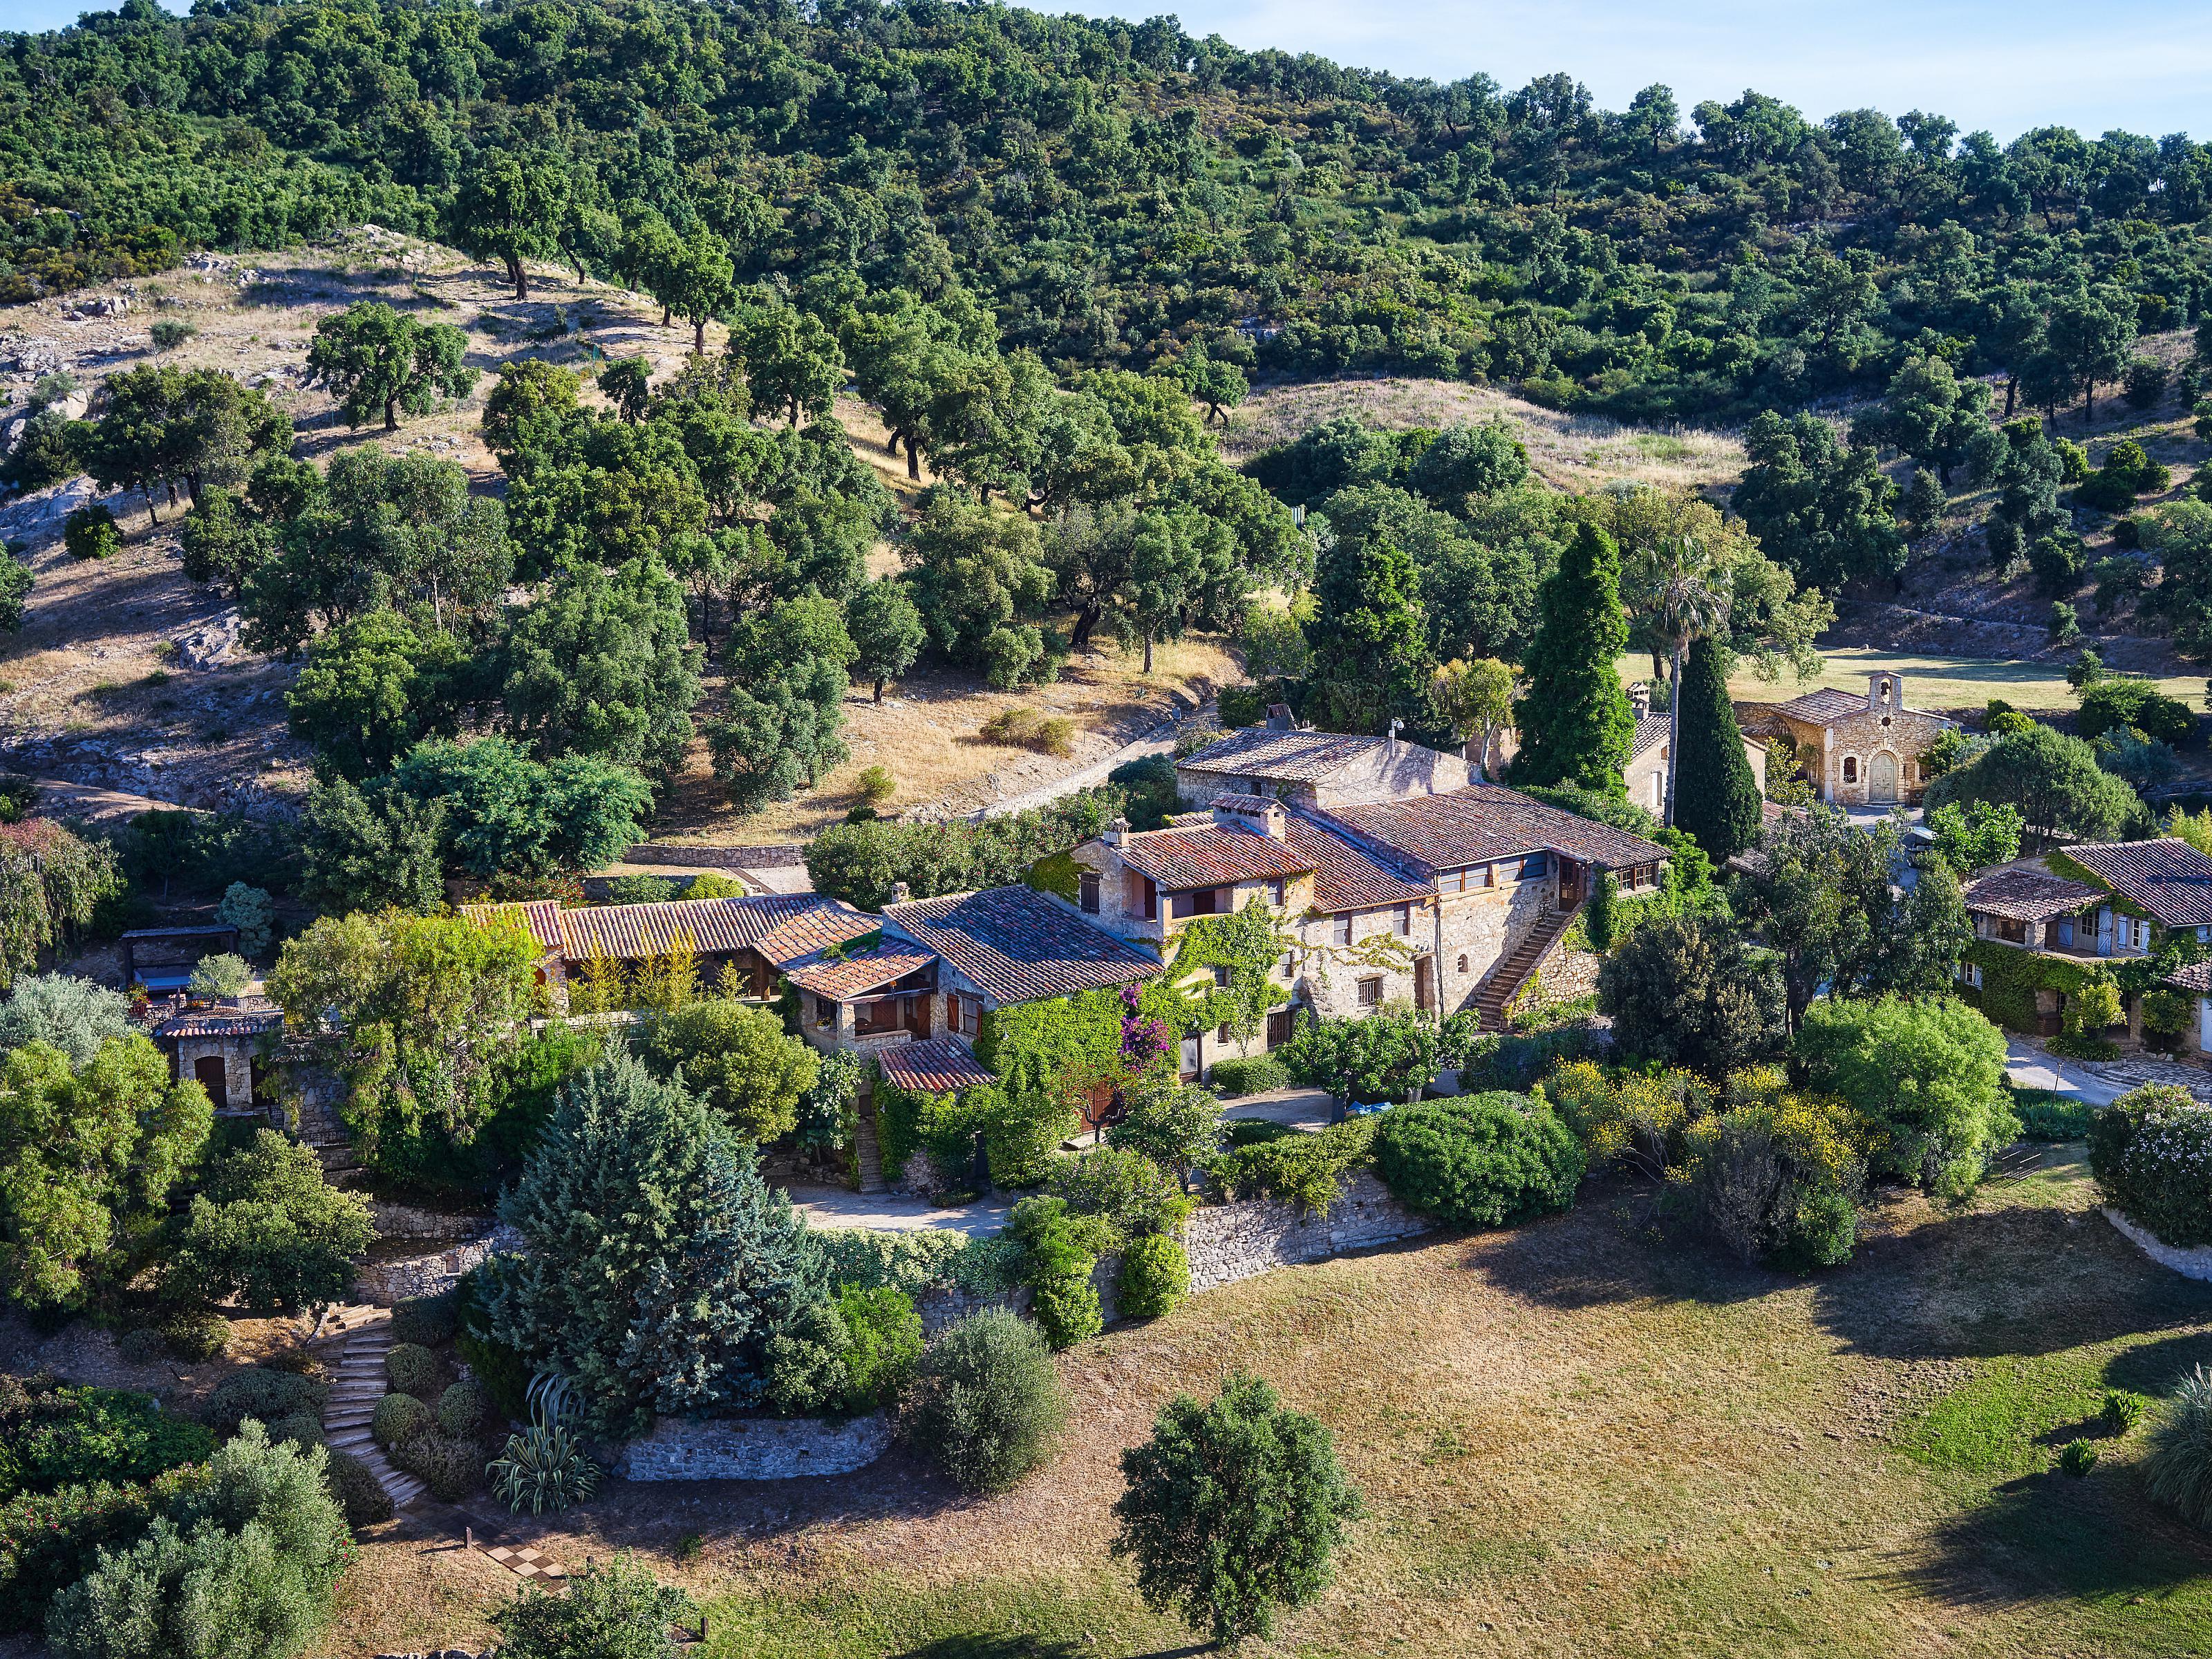 Anderer Wohnungstyp für Verkauf beim THE PROVENÇAL ESTATE OF JOHNNY DEPP Plan-de-la-Tour Saint Tropez, Plan-De-La-Tour, Provence-Alpes-Cote D'Azur 83120 Frankreich